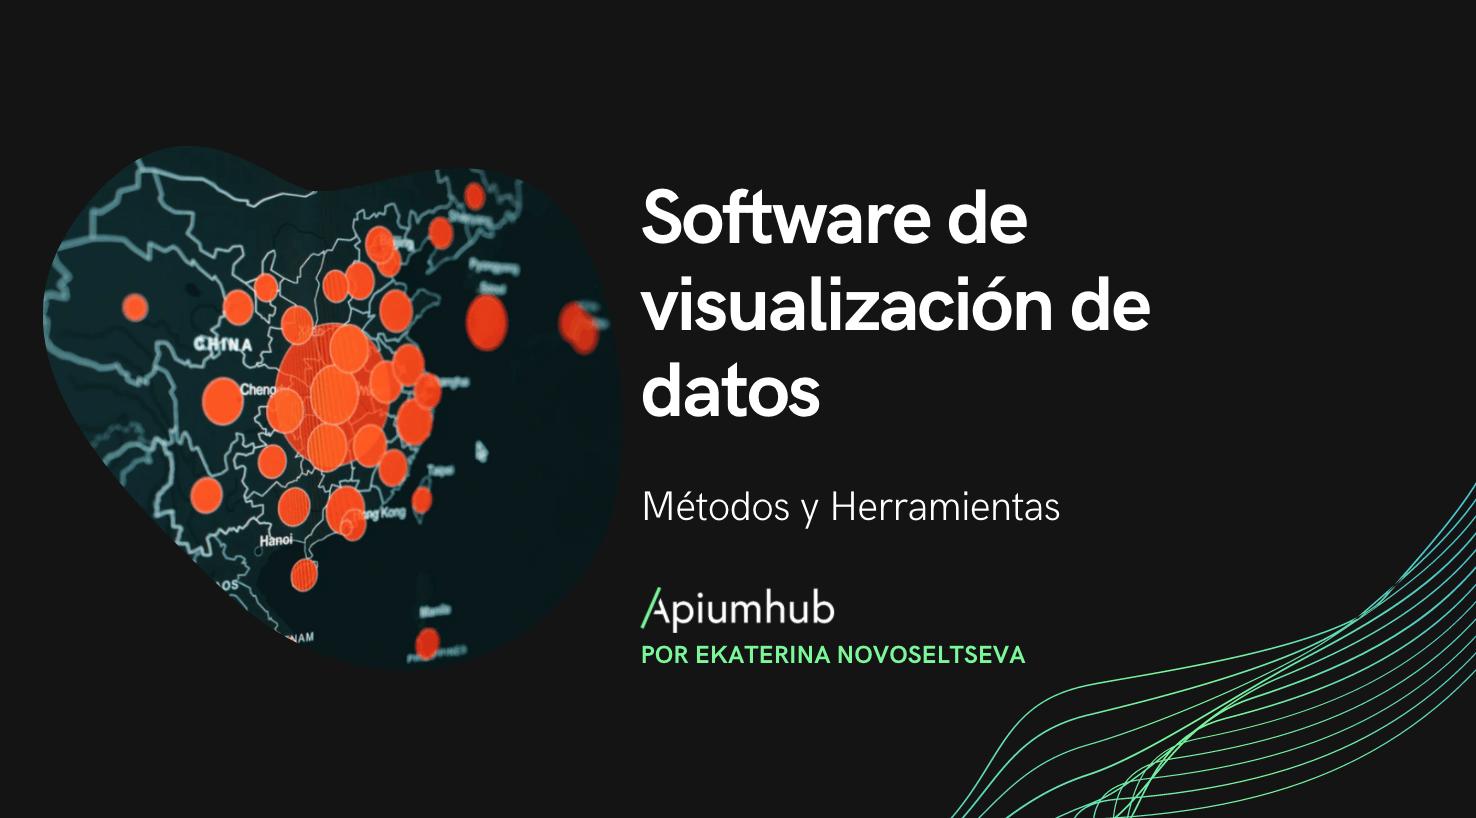 Software de visualizacion de datos